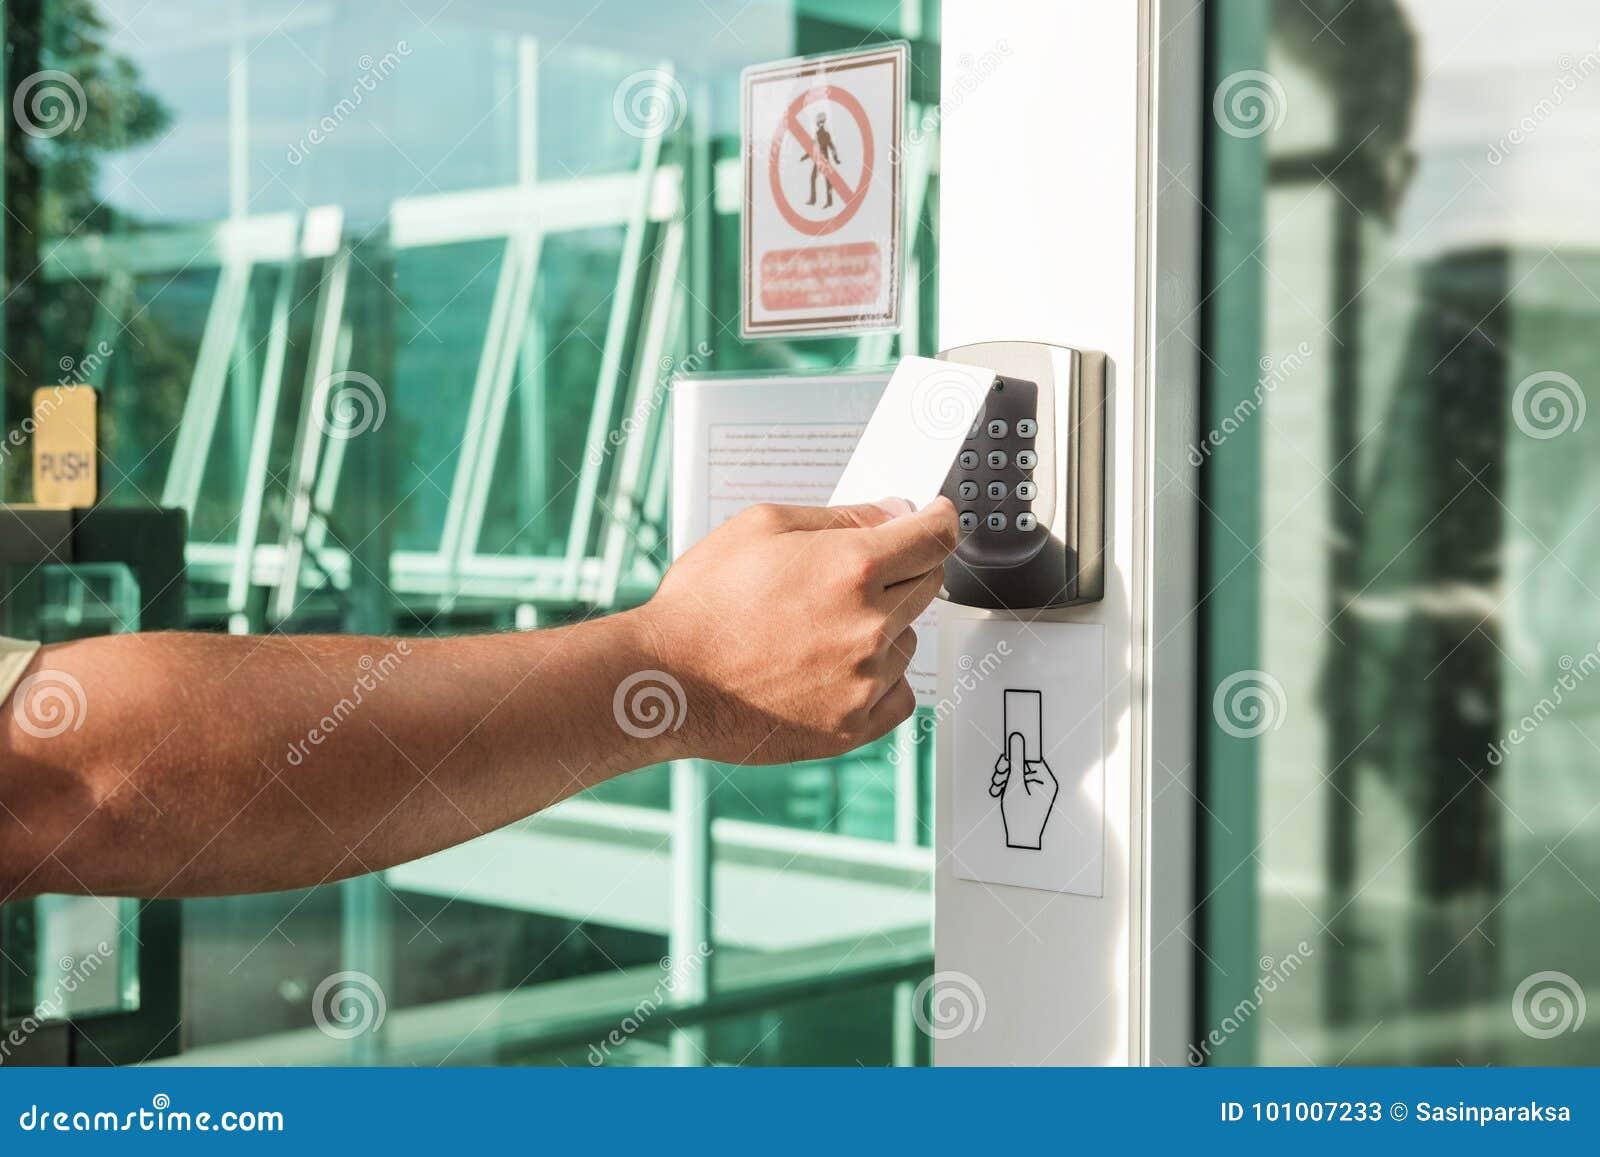 Mano facendo uso dell esame della carta chiave di sicurezza per aprire la porta ad entrare in costruzione privata Sistema di sicu